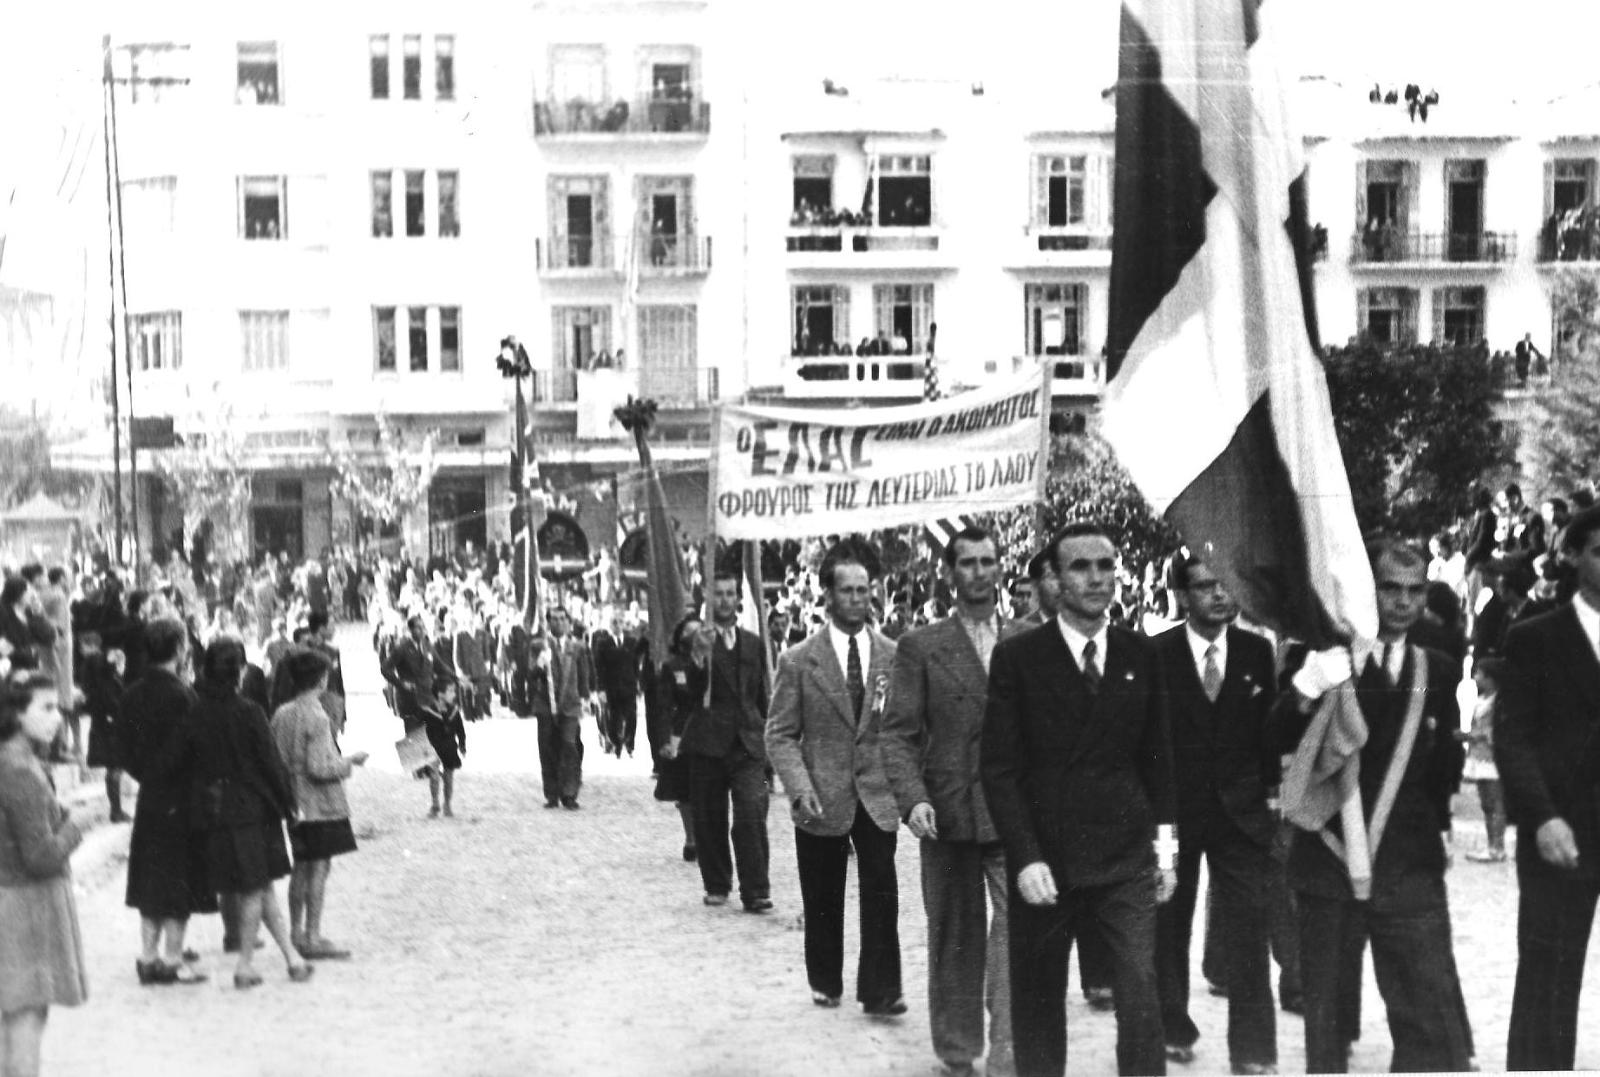 Τι γιορτάζουμε κύριε 79 χρόνια μετά;